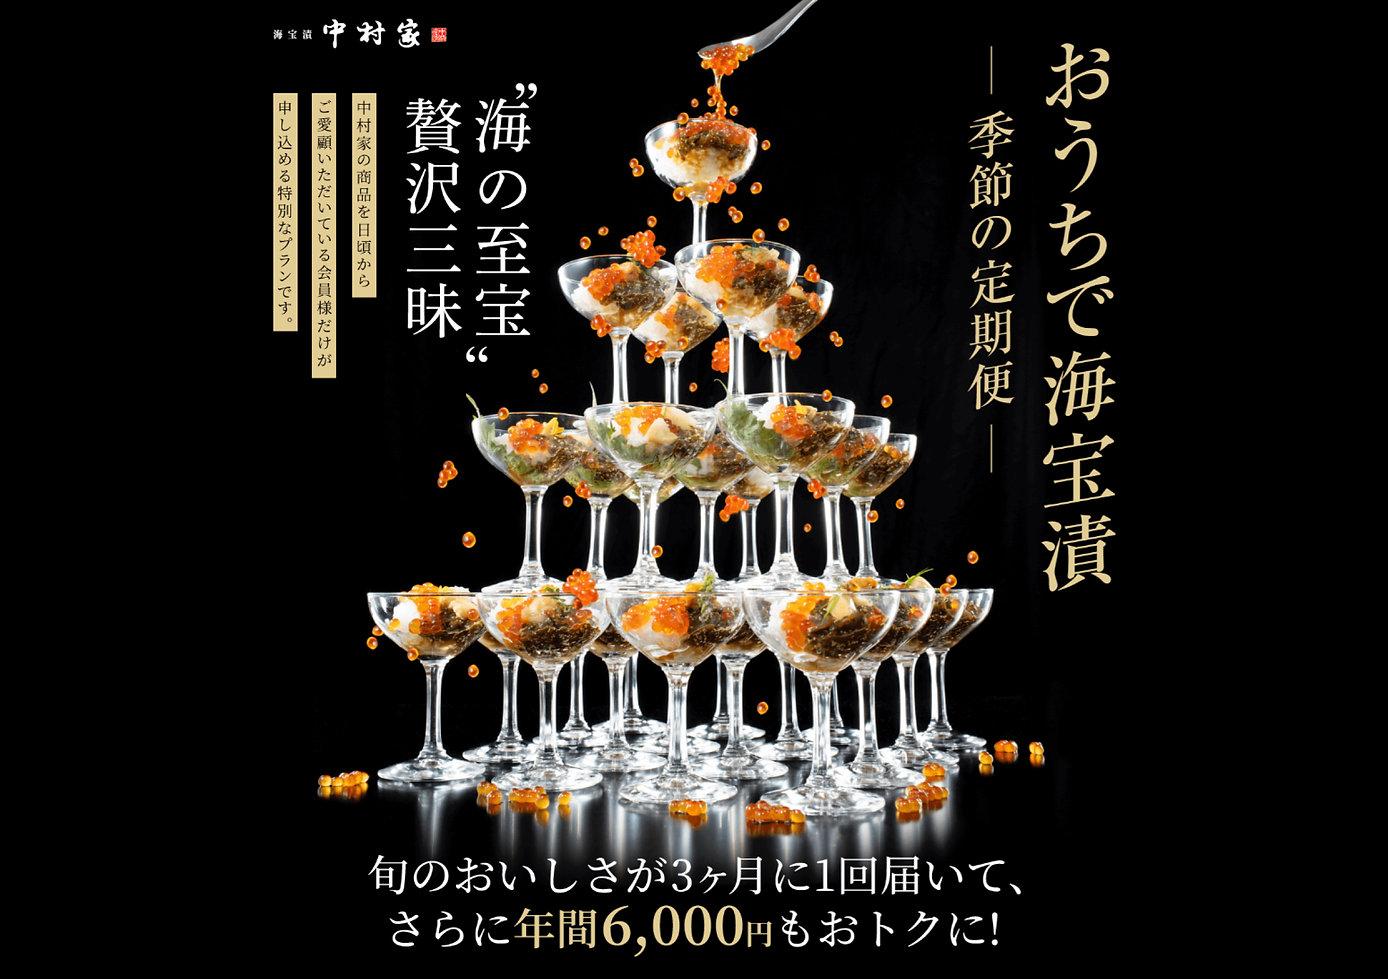 kaihouduke-1.jpg